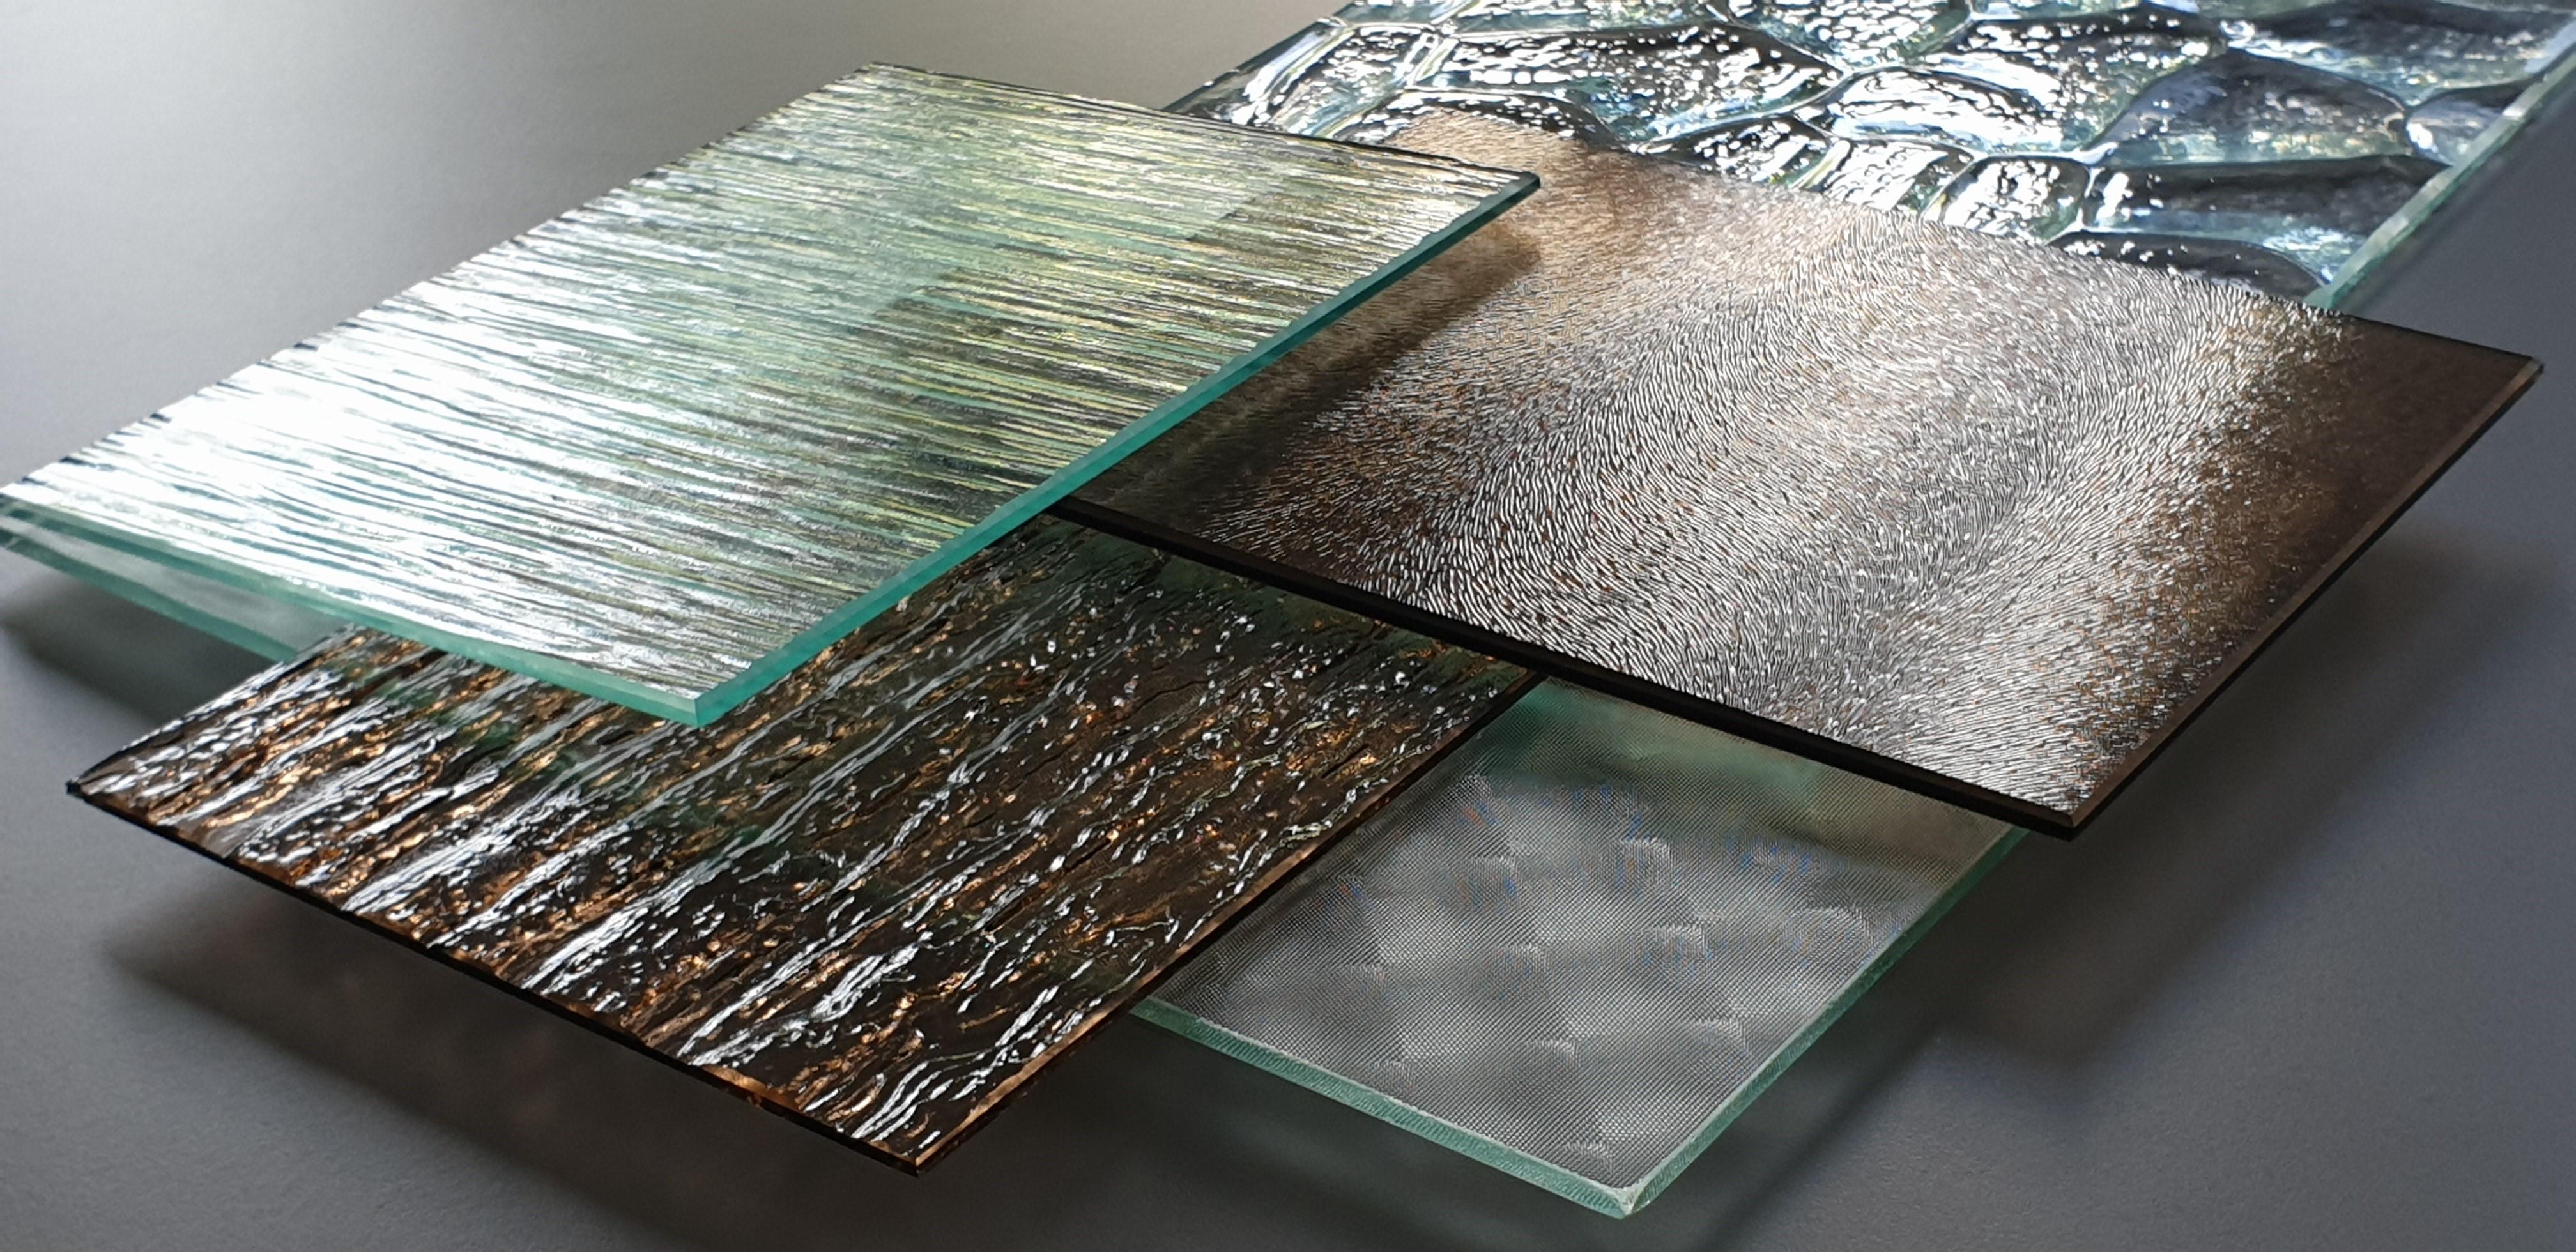 Szkło ornamentowe — gdzie warto go użyć?